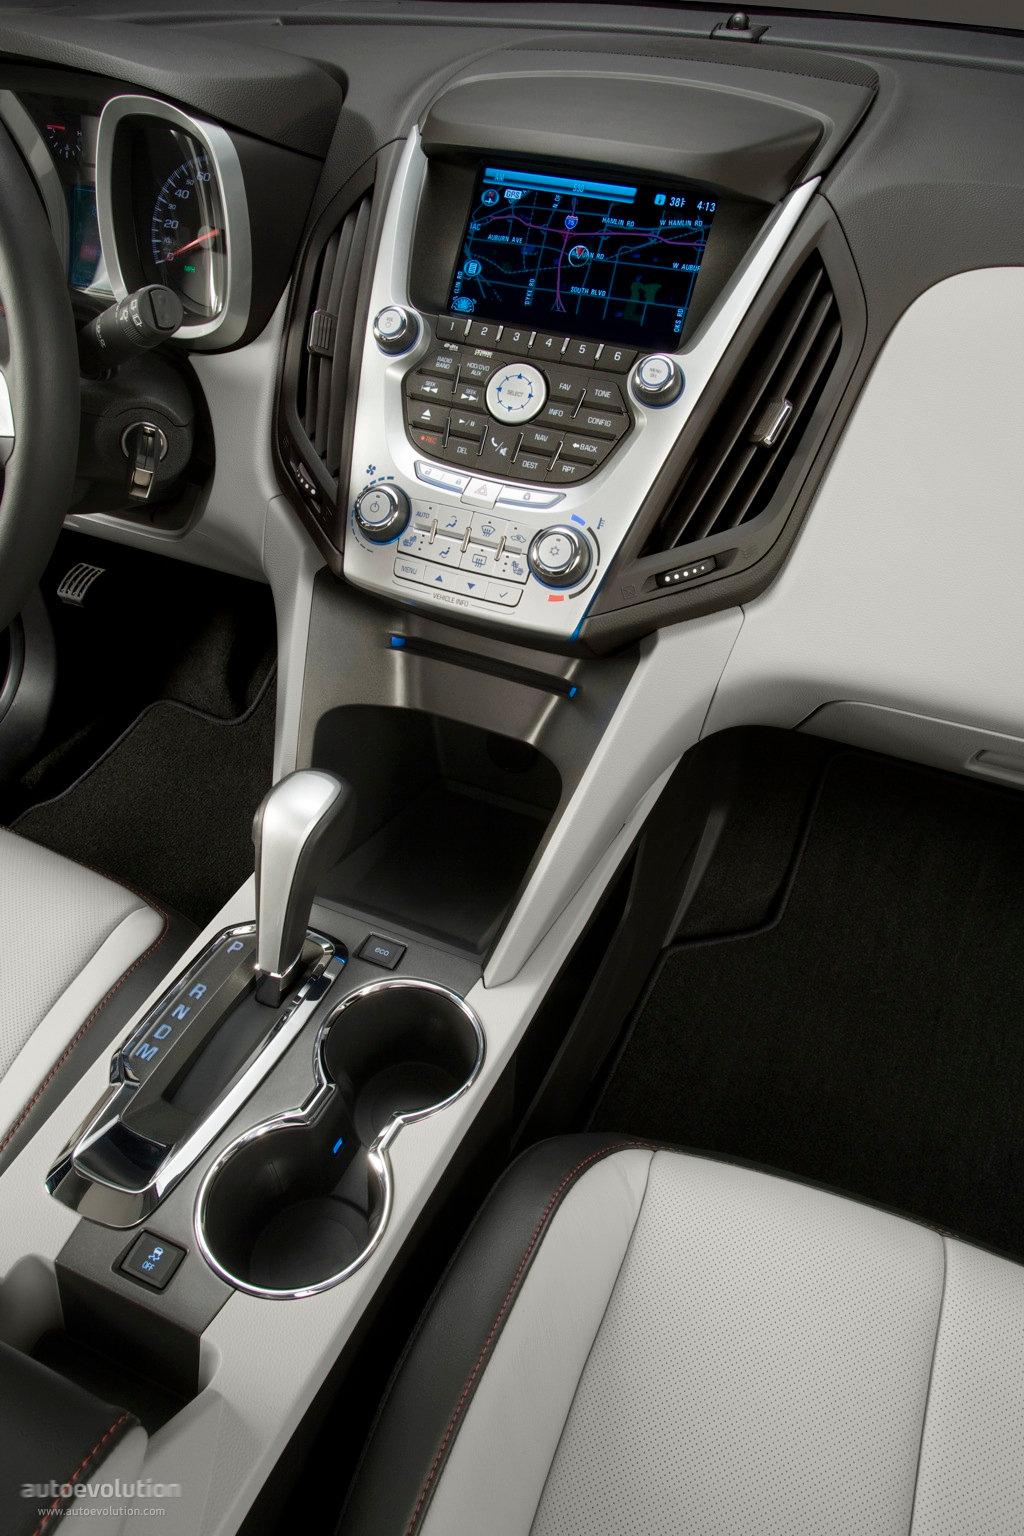 Chevroletequinox